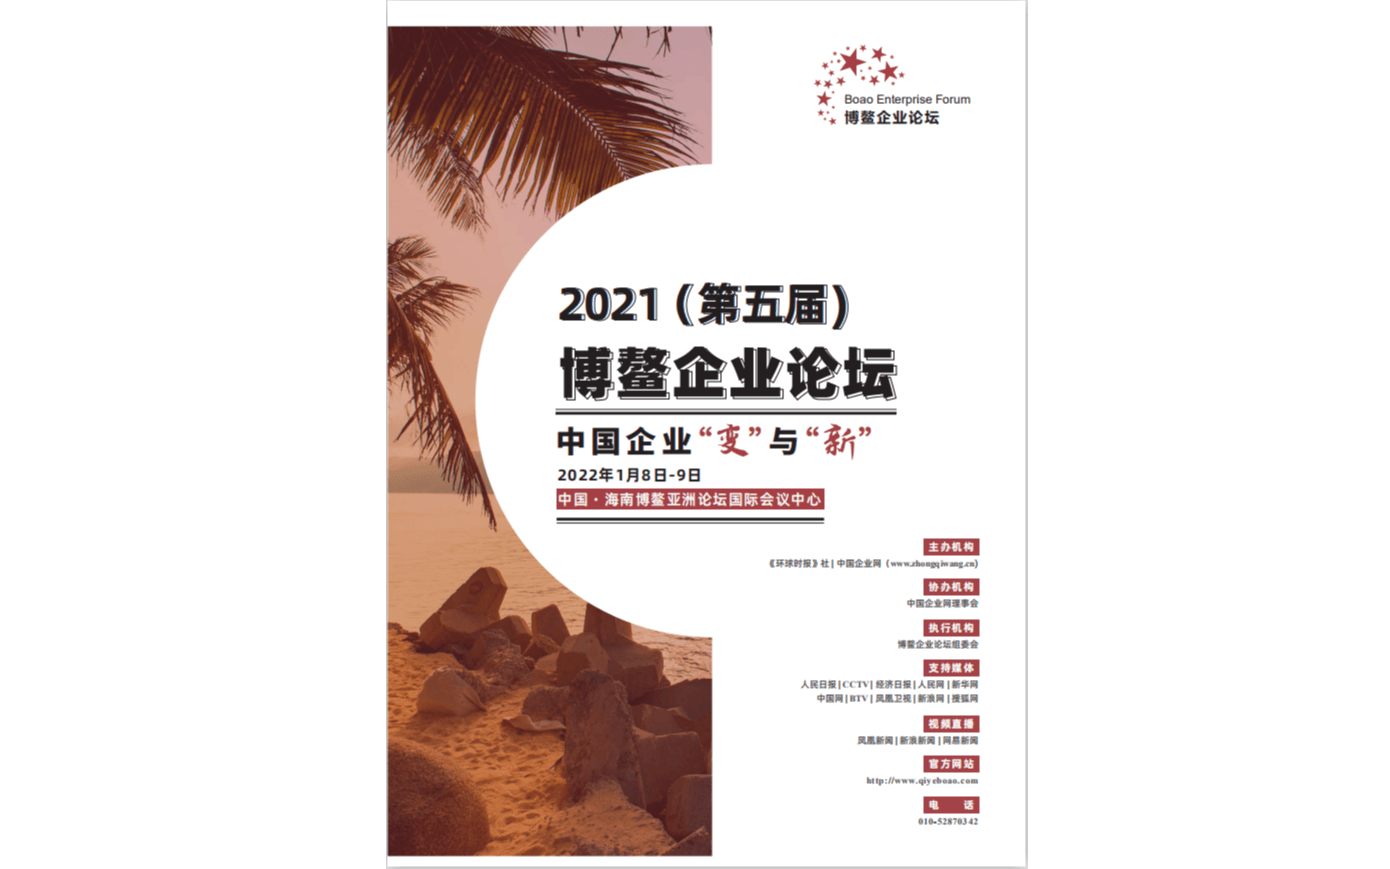 2021(第五届)博鳌企业论坛